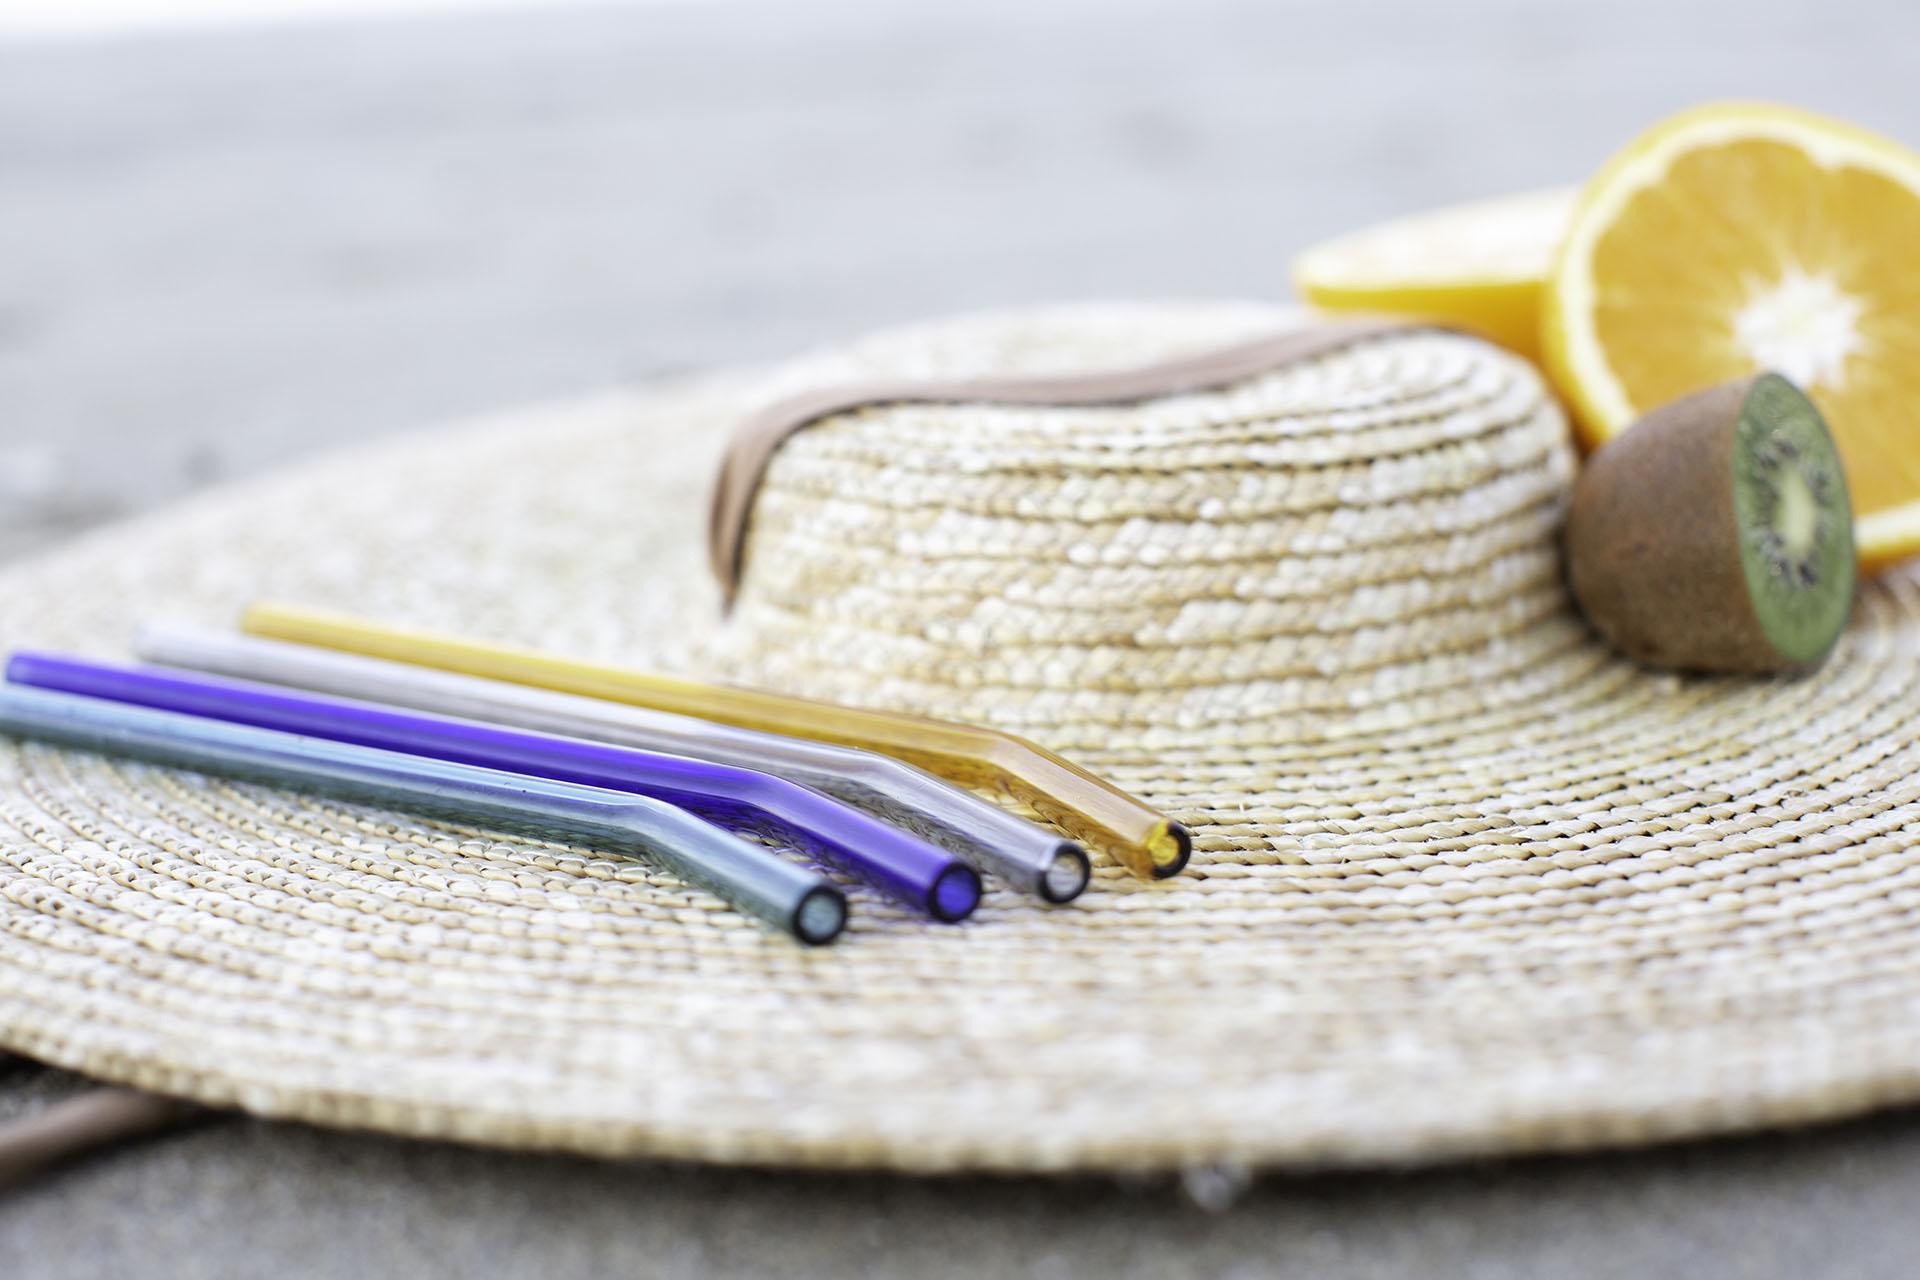 Texto: Os canudos de vidro borosilicato da Oxford são opções de produtos reutilizáveis que a marca oferece. Foto: Carpintaria Estúdio.